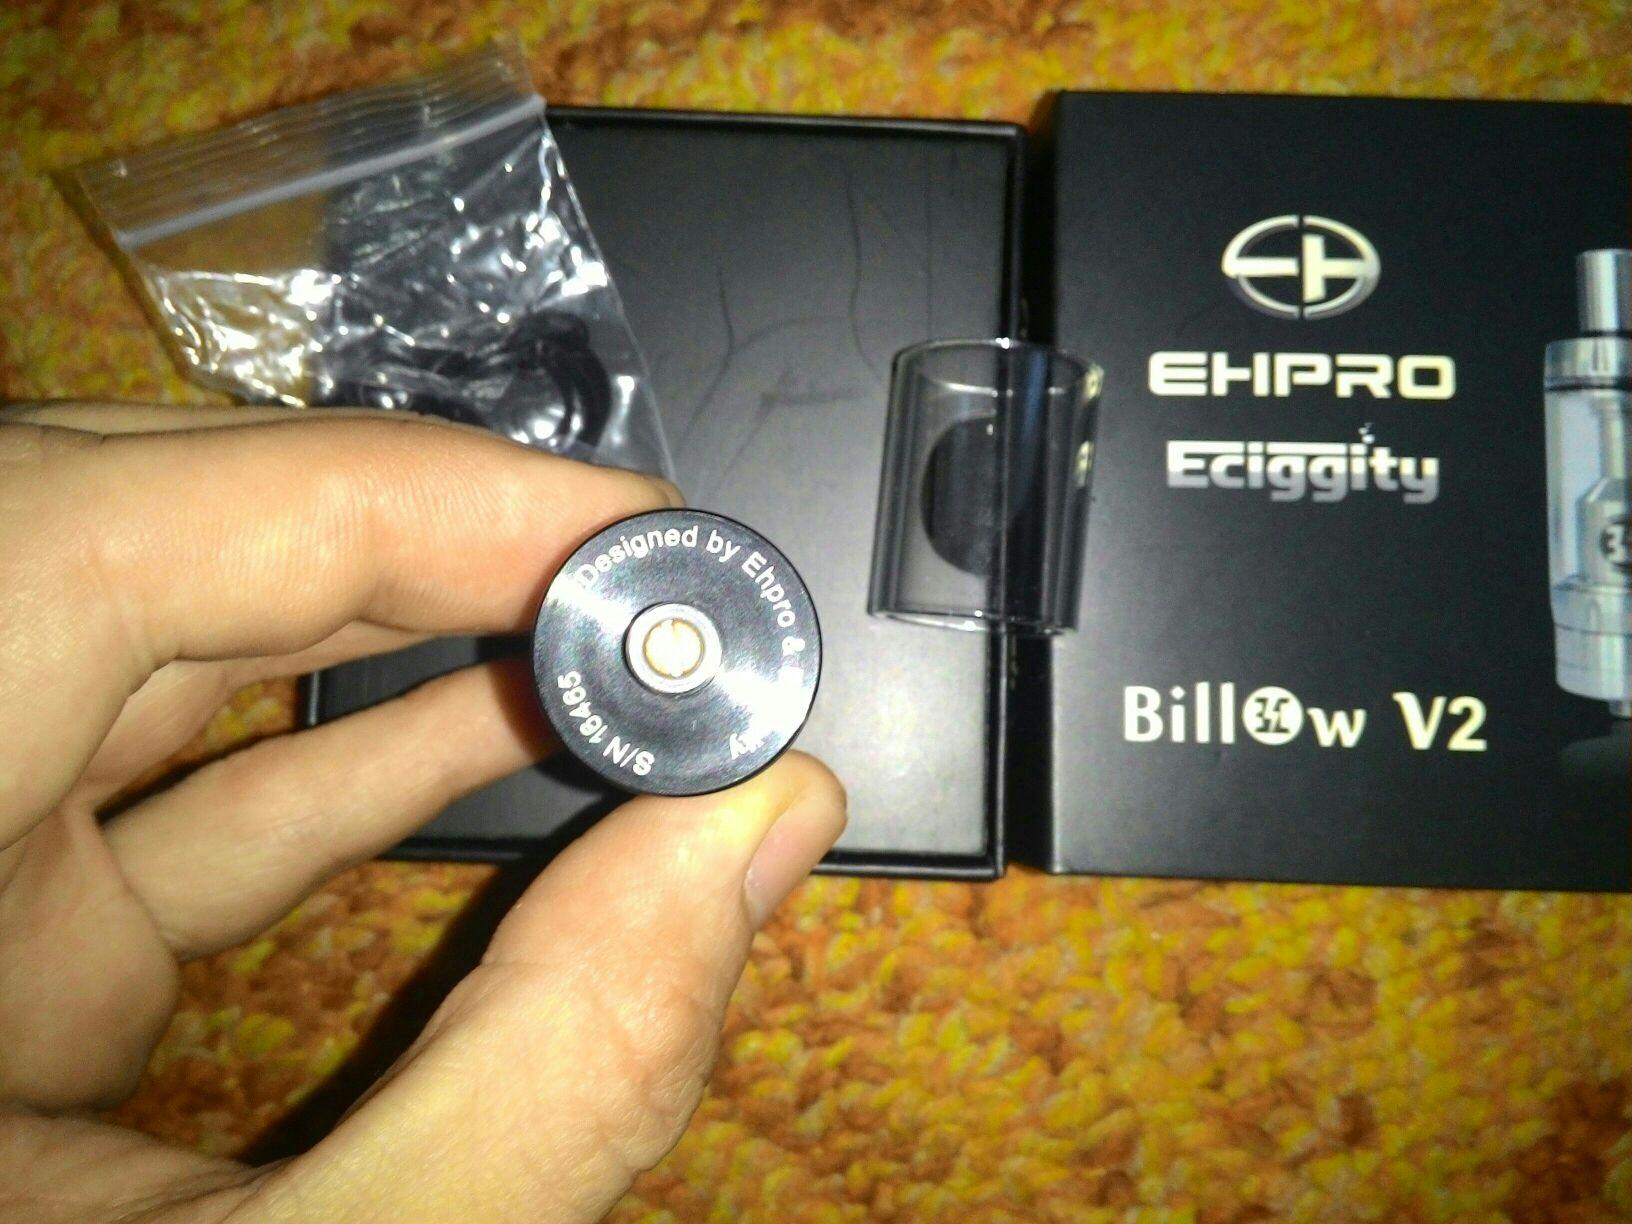 Продам Billow v2 оригинал 220